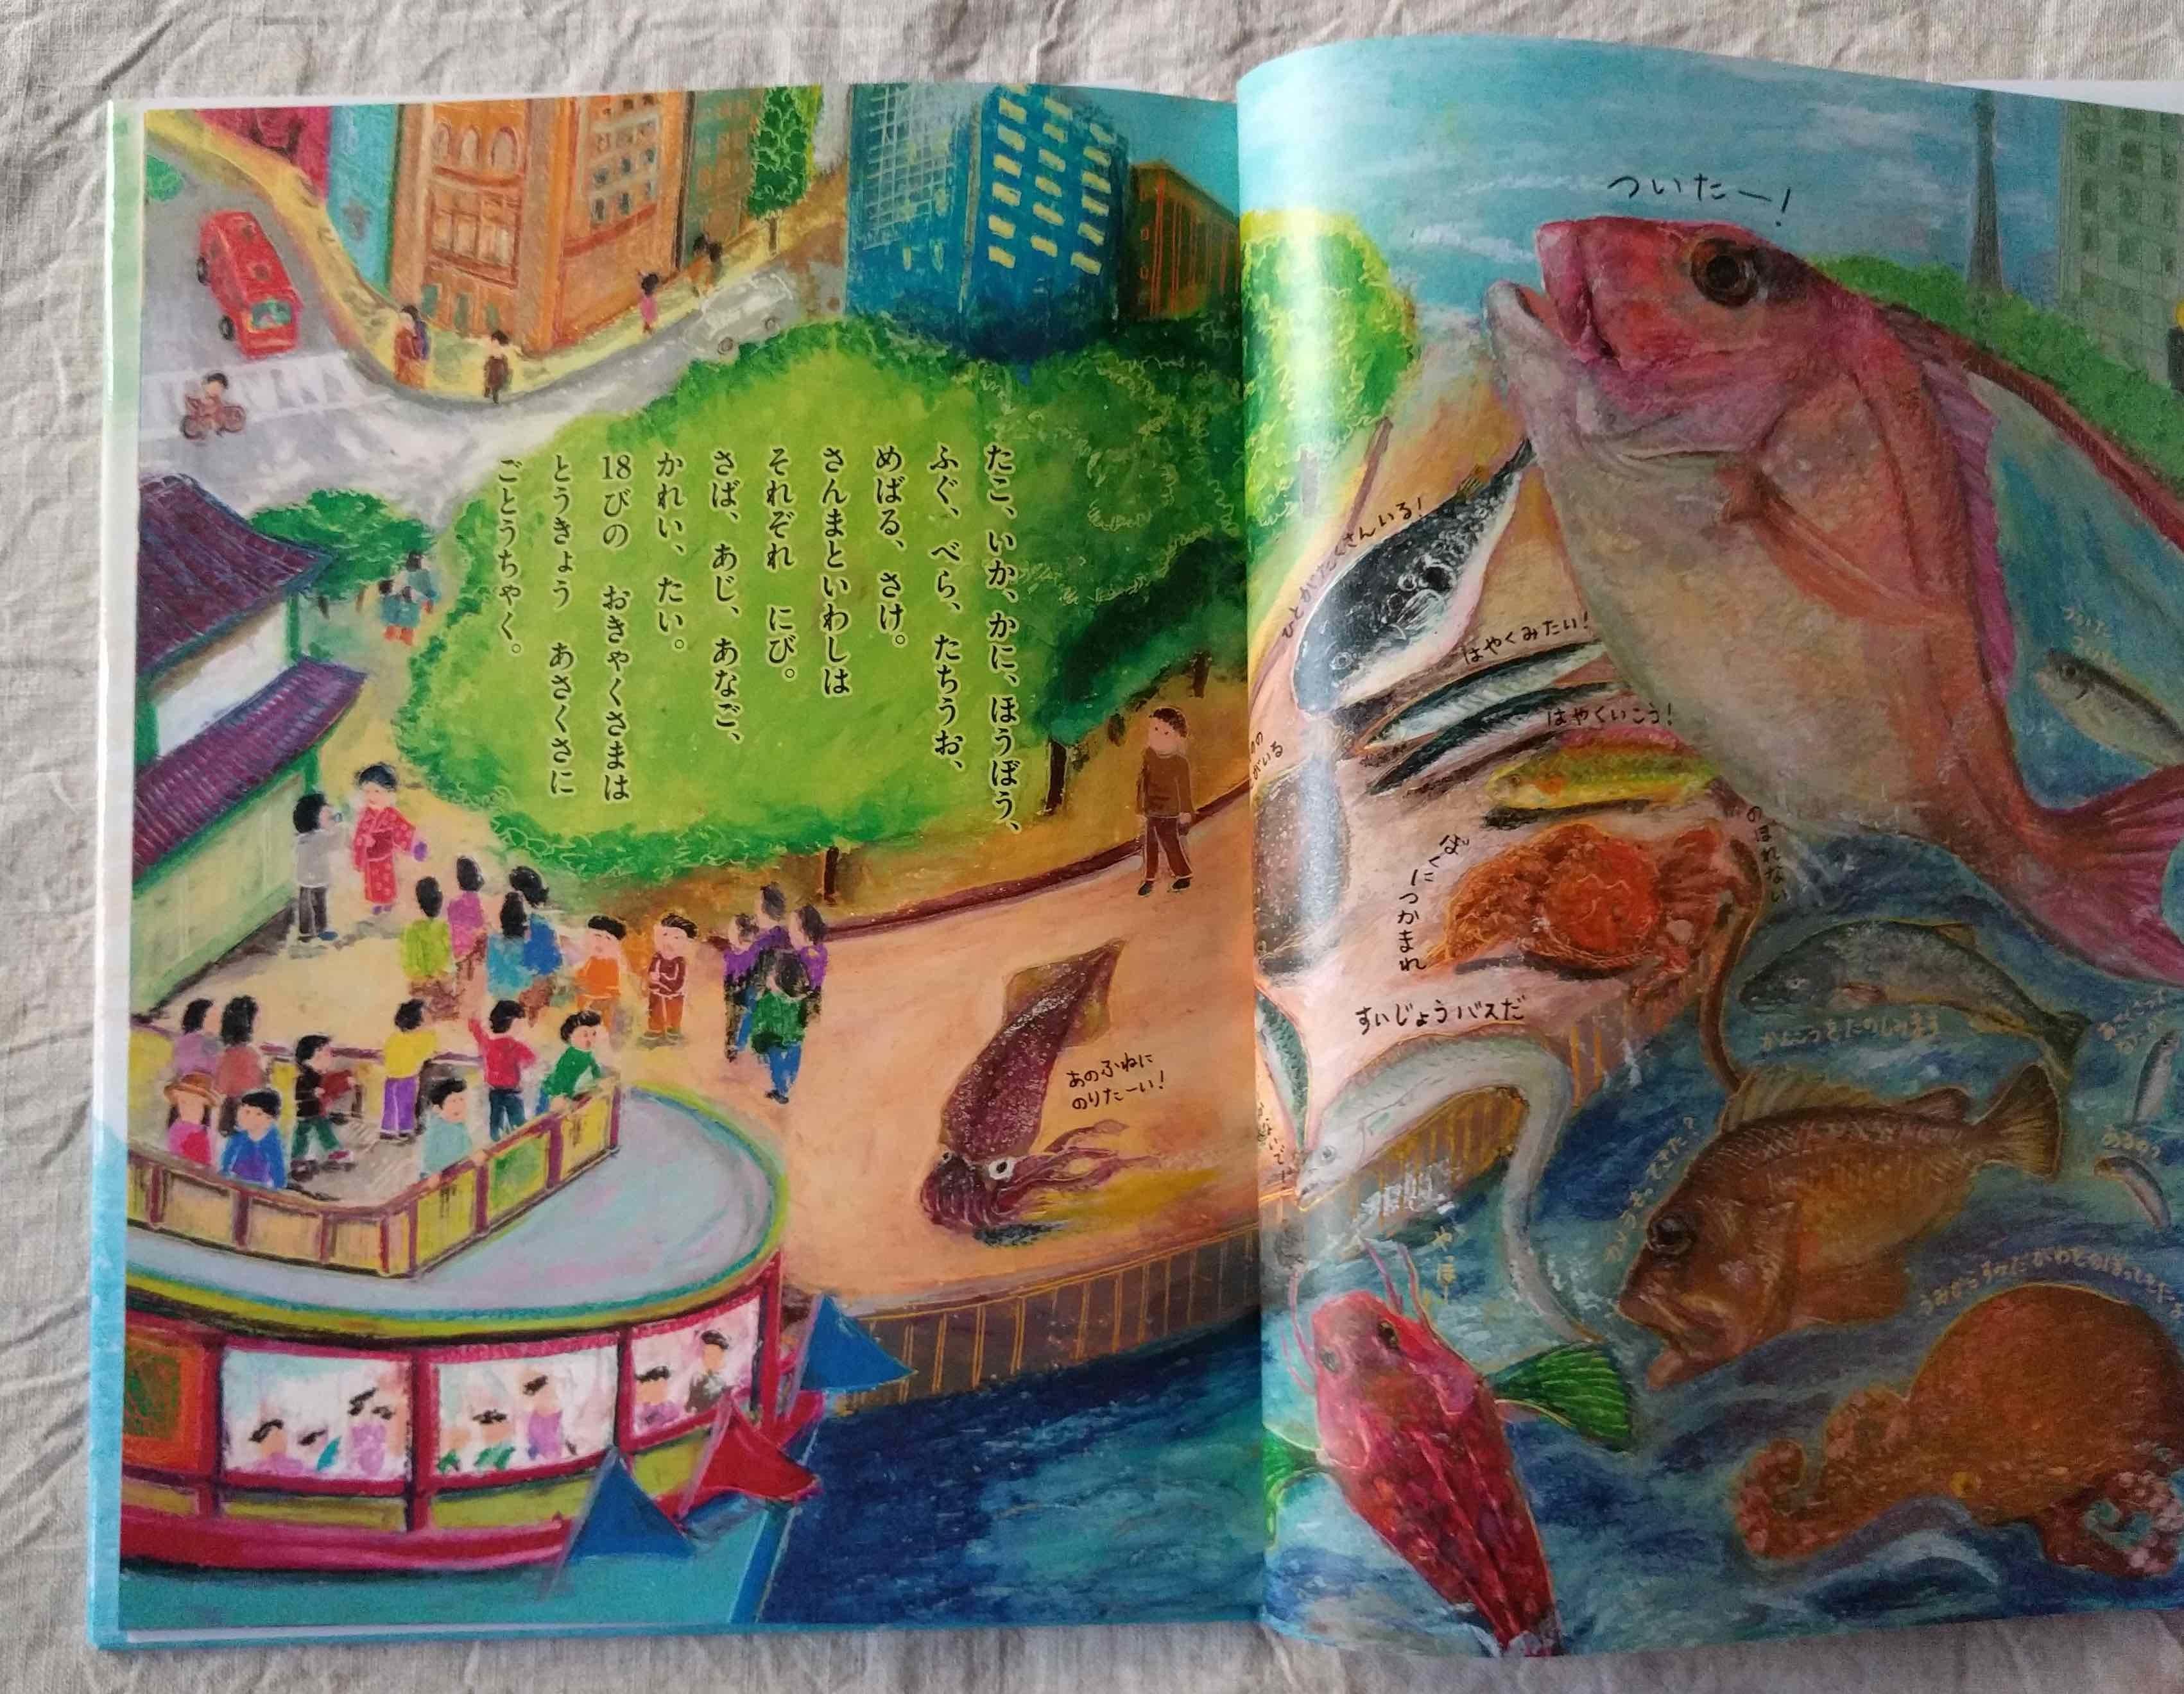 加藤休ミさんの絵本『おさかなかんこう あさくさかな』_a0265743_23445692.jpg